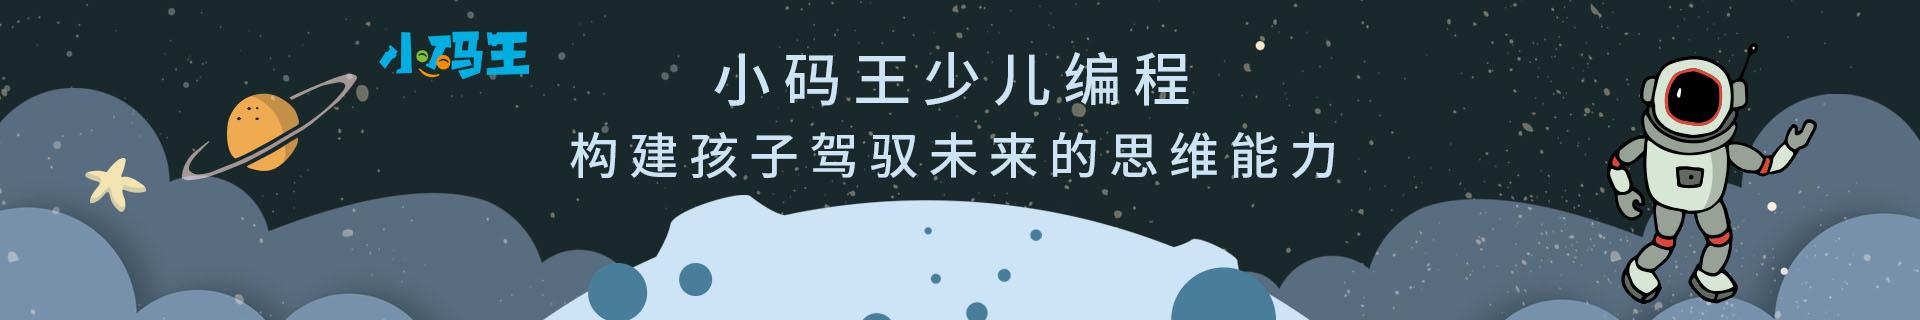 杭州深蓝广场小码王少儿编程培训机构